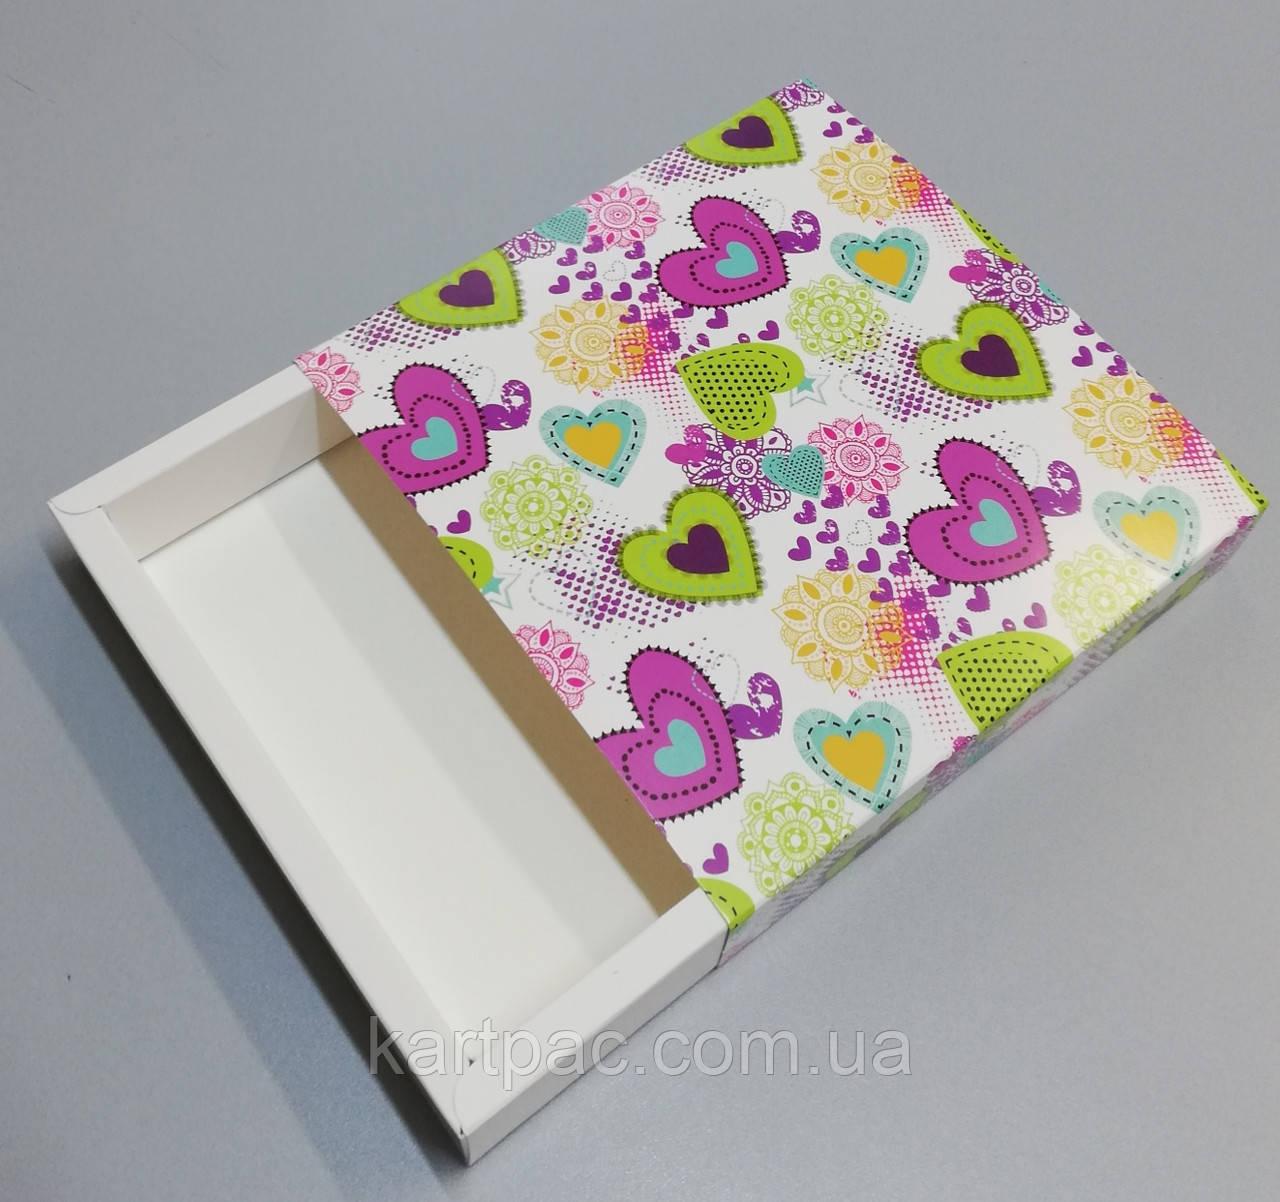 Упаковка для кондитерських виробів 165*165*30 (святкова)